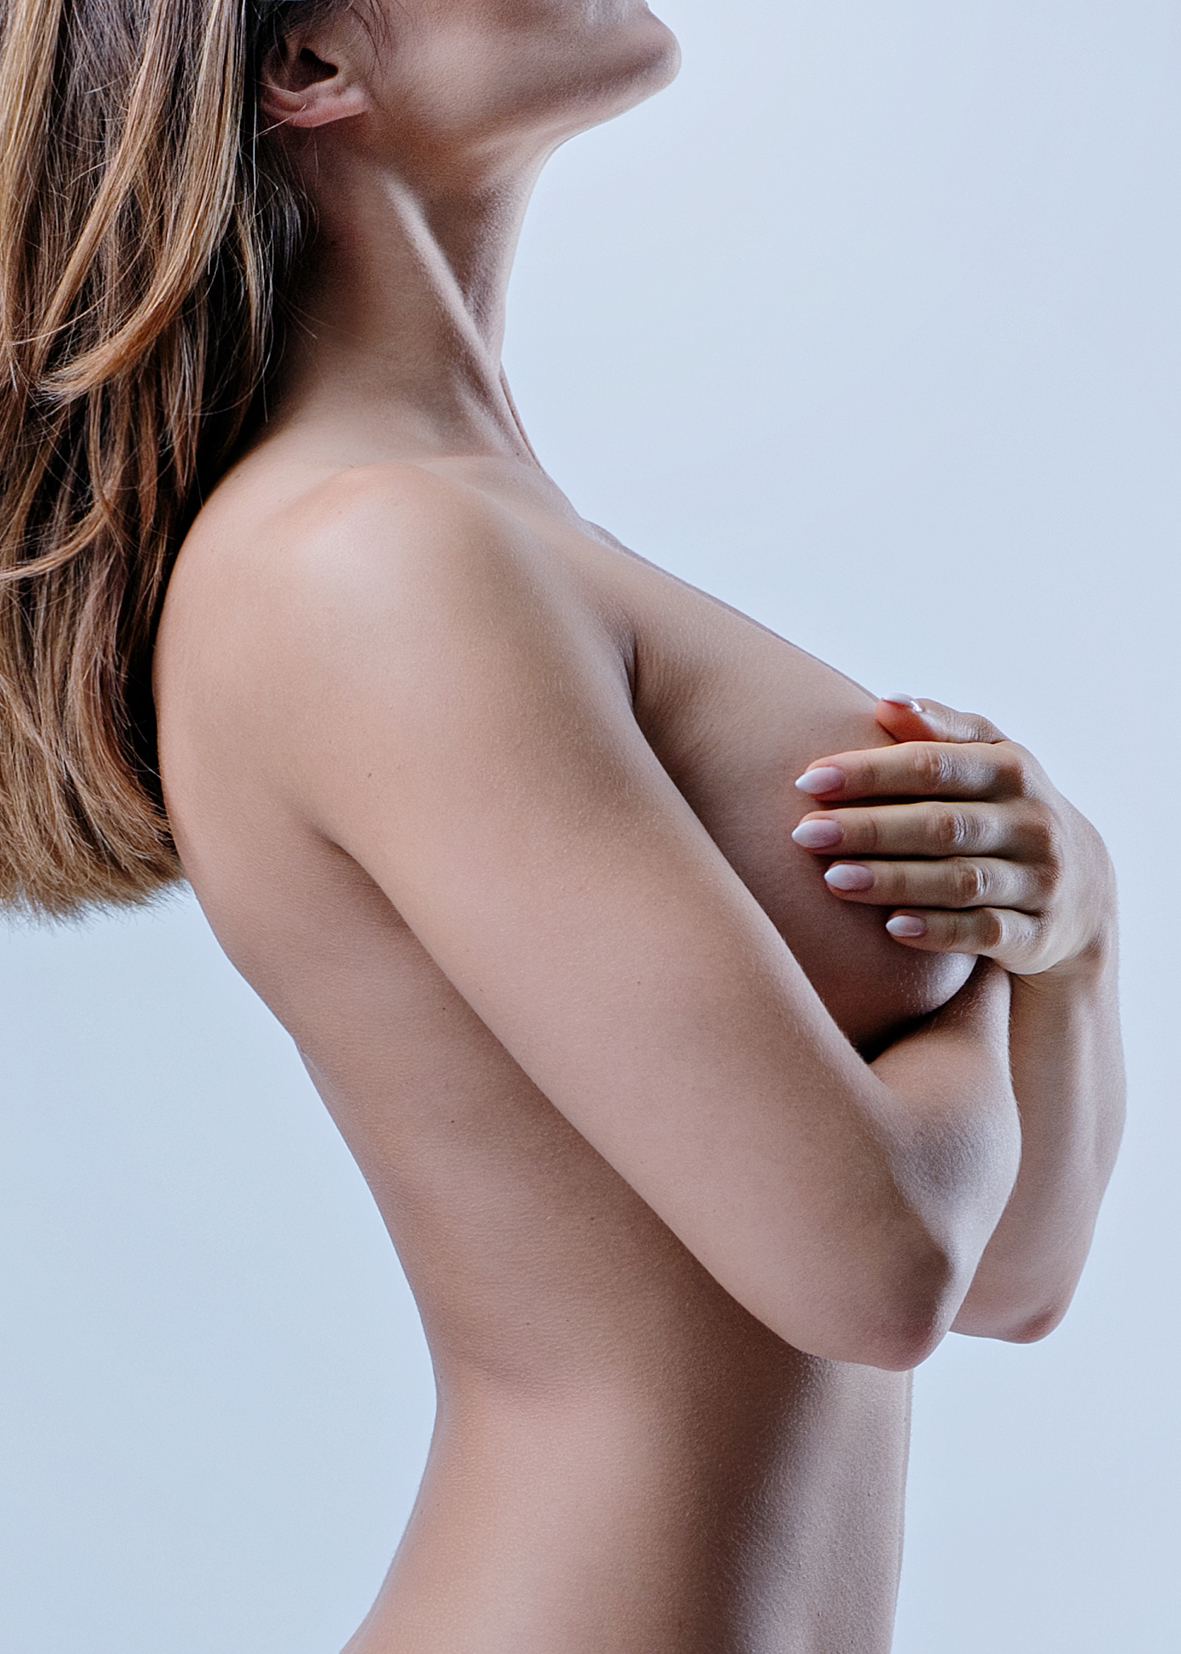 Roman Kufa: Ženy mají o vysněné velikosti a tvaru prsů jasnou představu